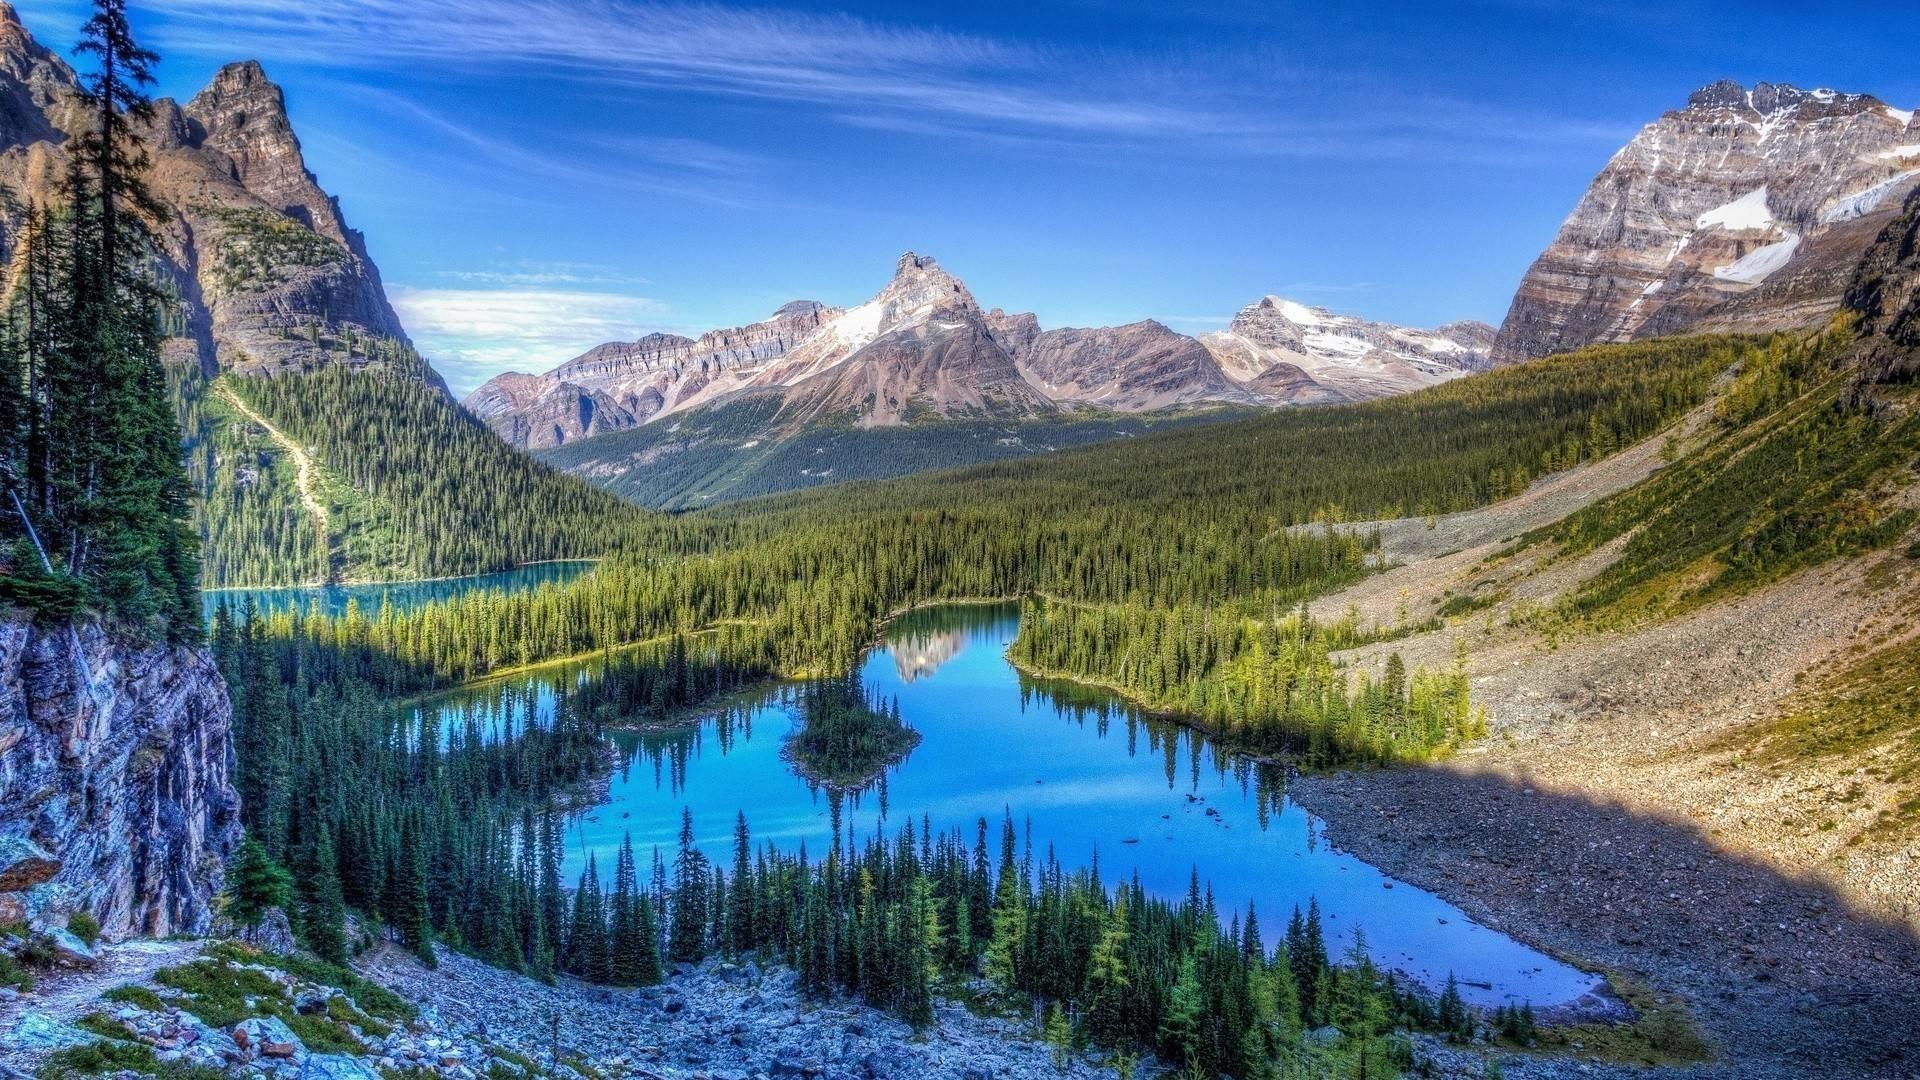 Rocky Mountain National Park Wallpaper Wallpaper   4Wlp